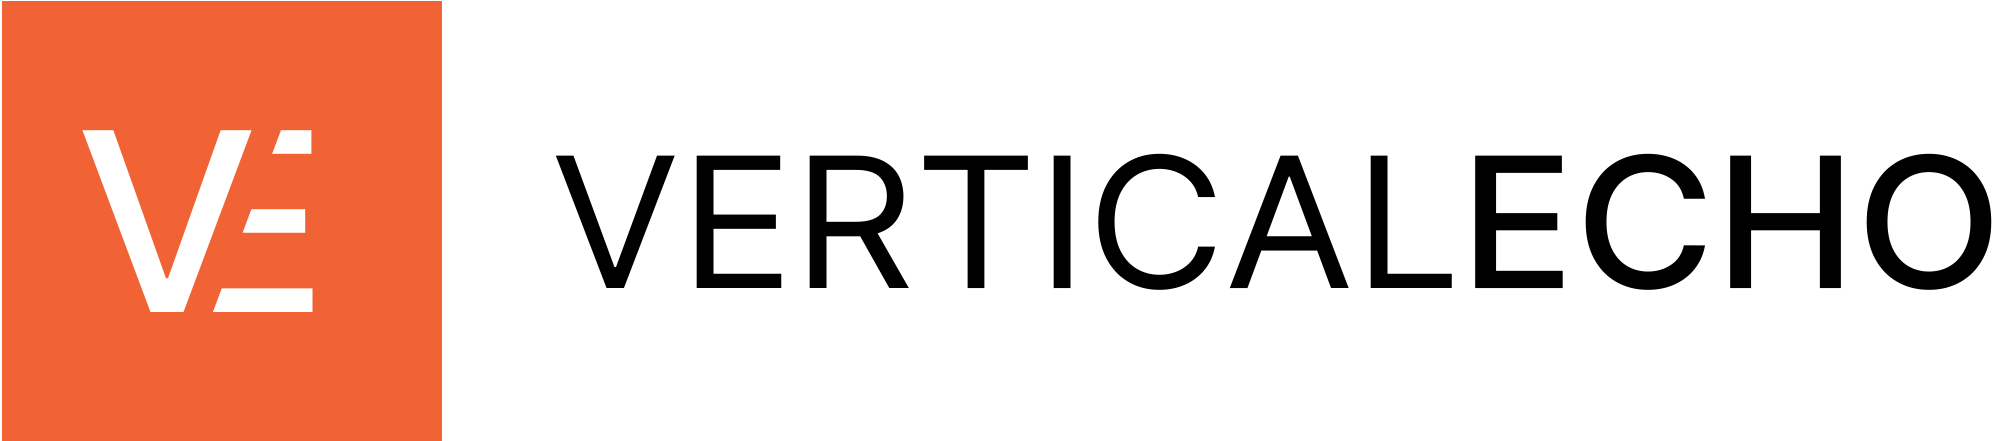 Vertical Echo